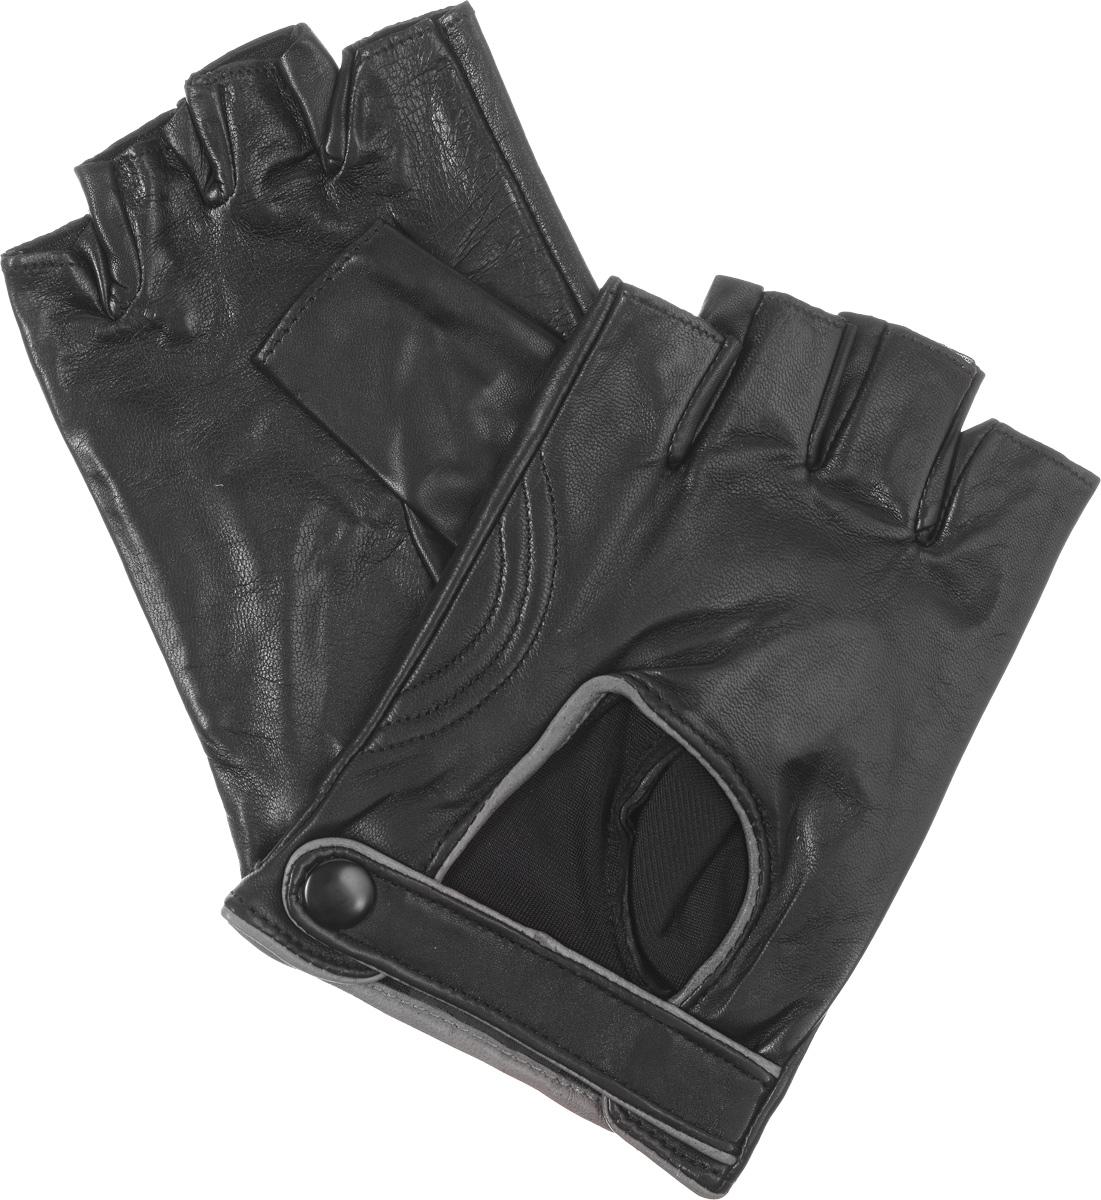 Митенки мужские. IS221MIS221MМитенки Eleganzza изготовлены из натуральной кожи ягненка. На лицевой стороне изделия - декоративный вырез с окантовкой из кожи контрастного цвета, ремешок с застежкой на металлическую кнопку. Подкладка из натурального шелка. В отличие от обычных кожаных перчаток, в них рука не теряет гибкости и подвижности, пальцы столь же чувствительны и точны, руку можно сжать в кулак беспрепятственно.